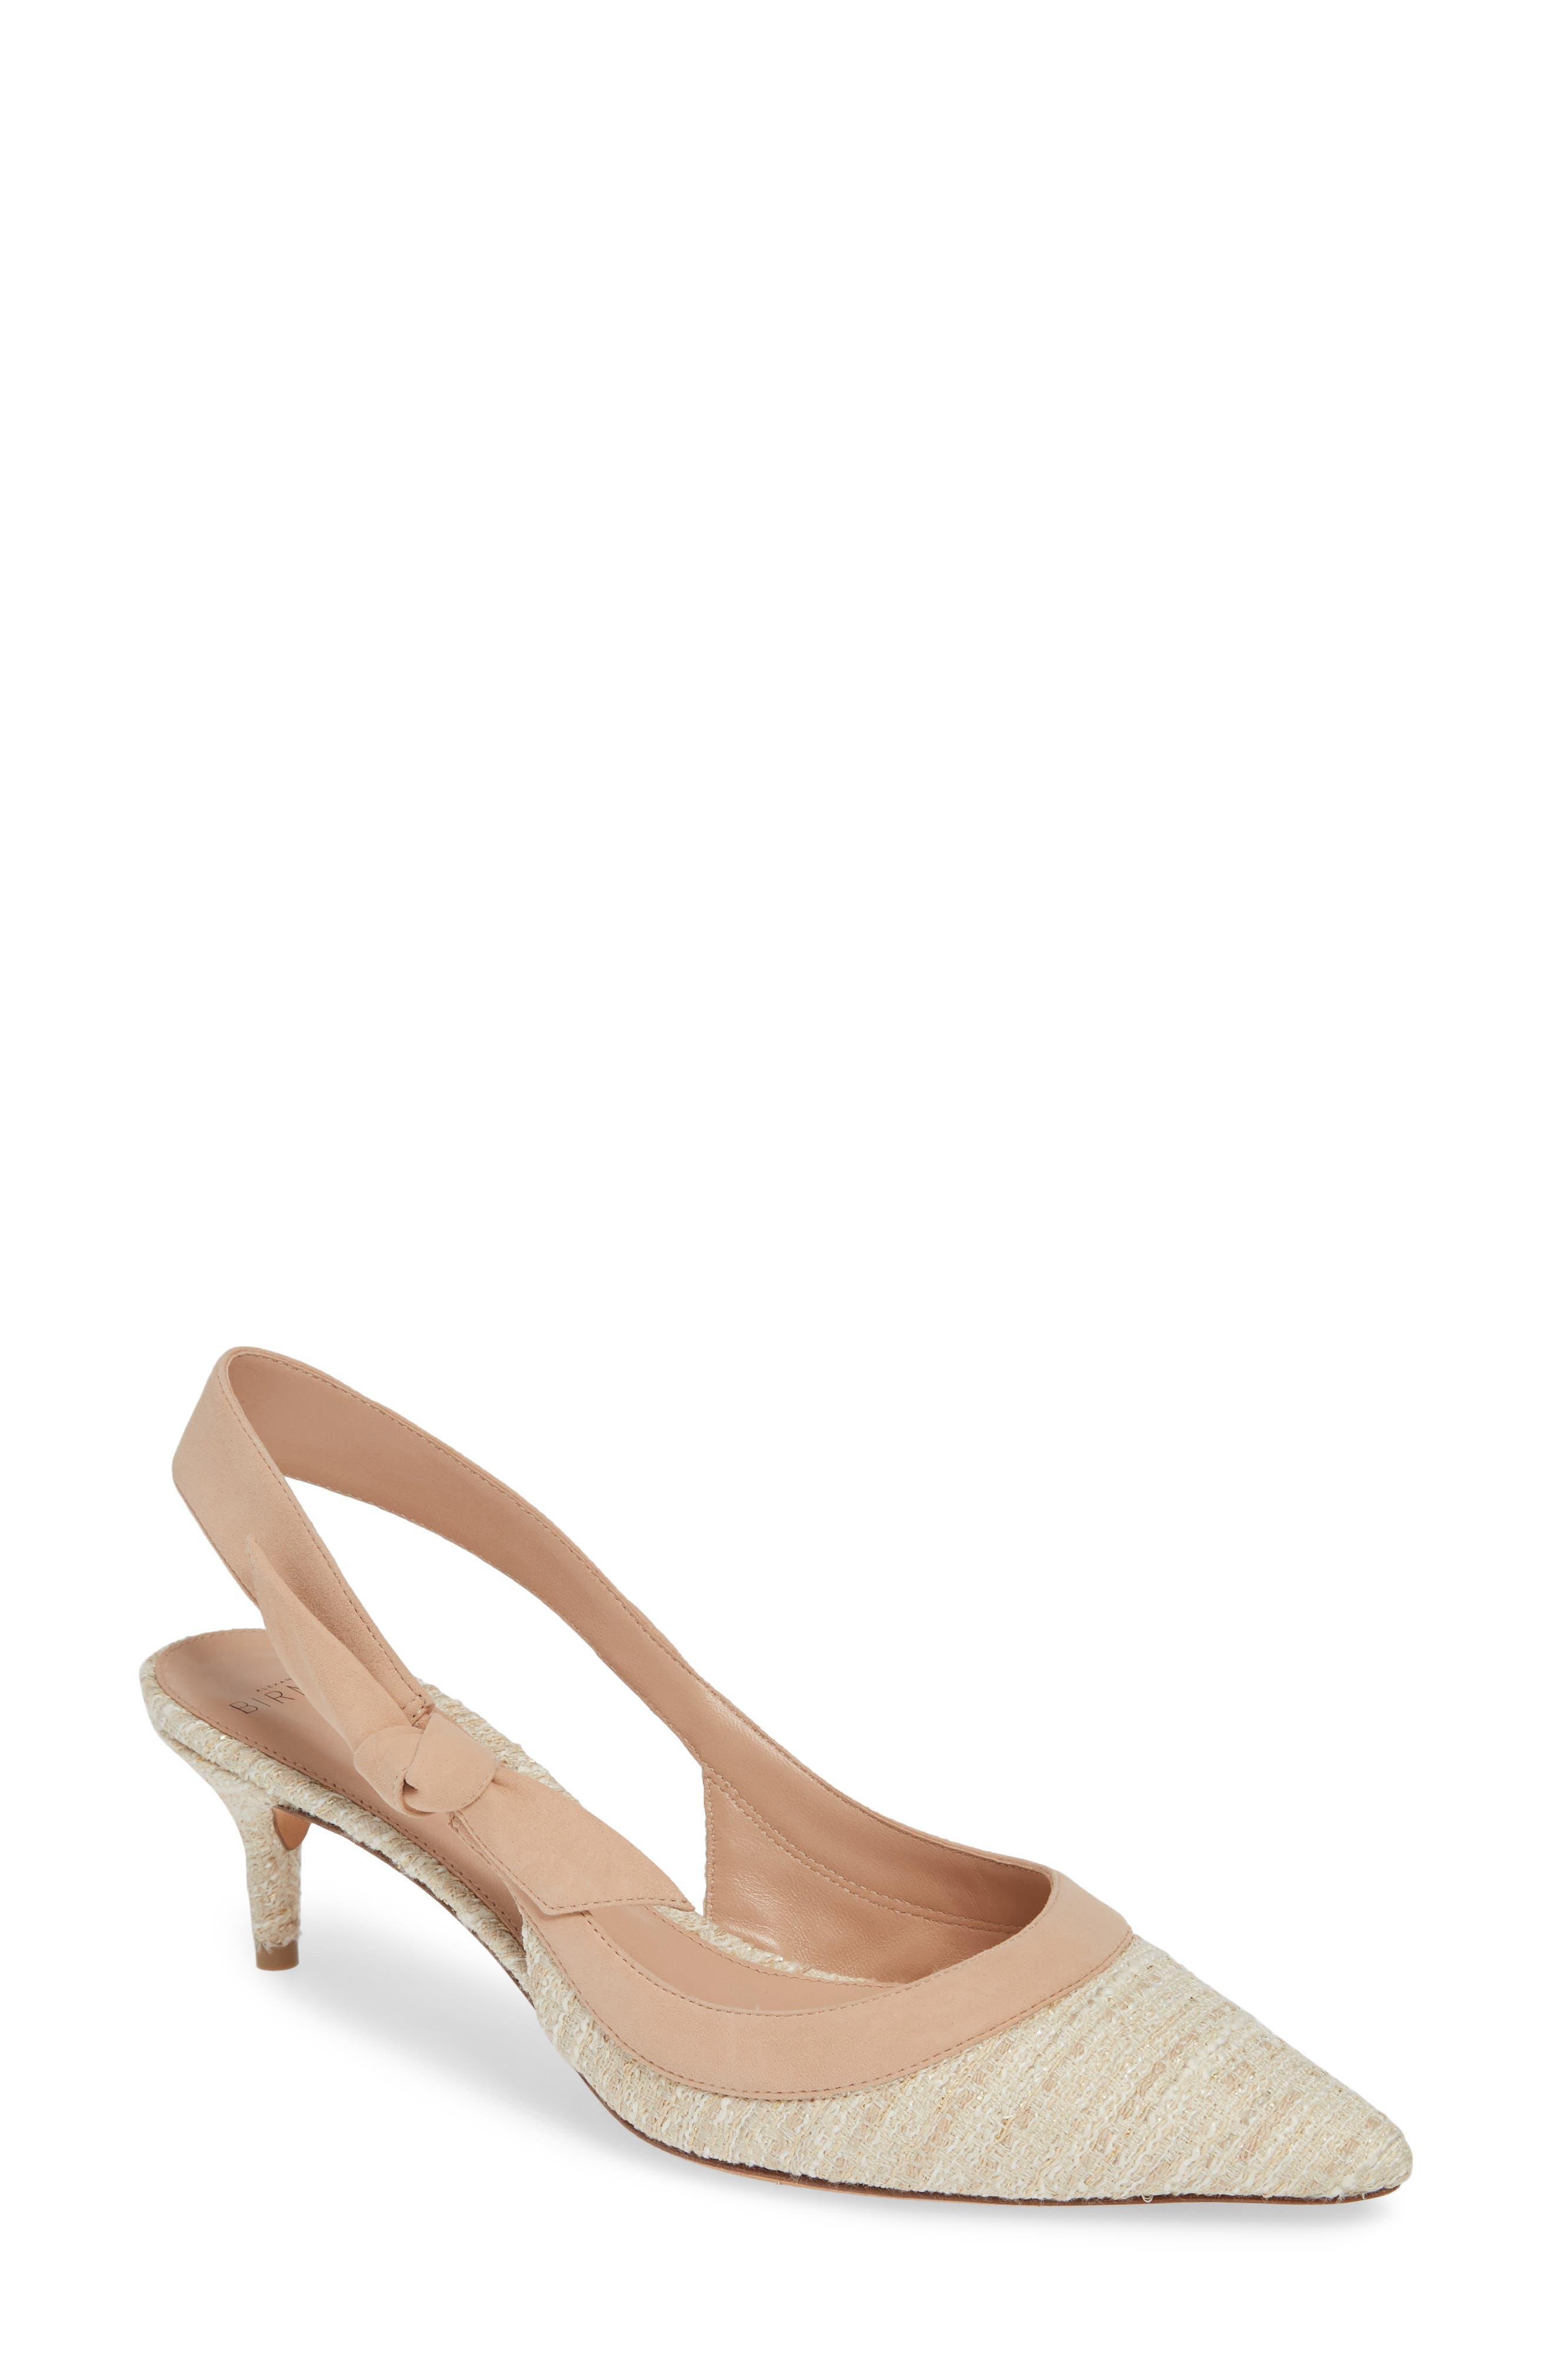 stylish petite women shoes